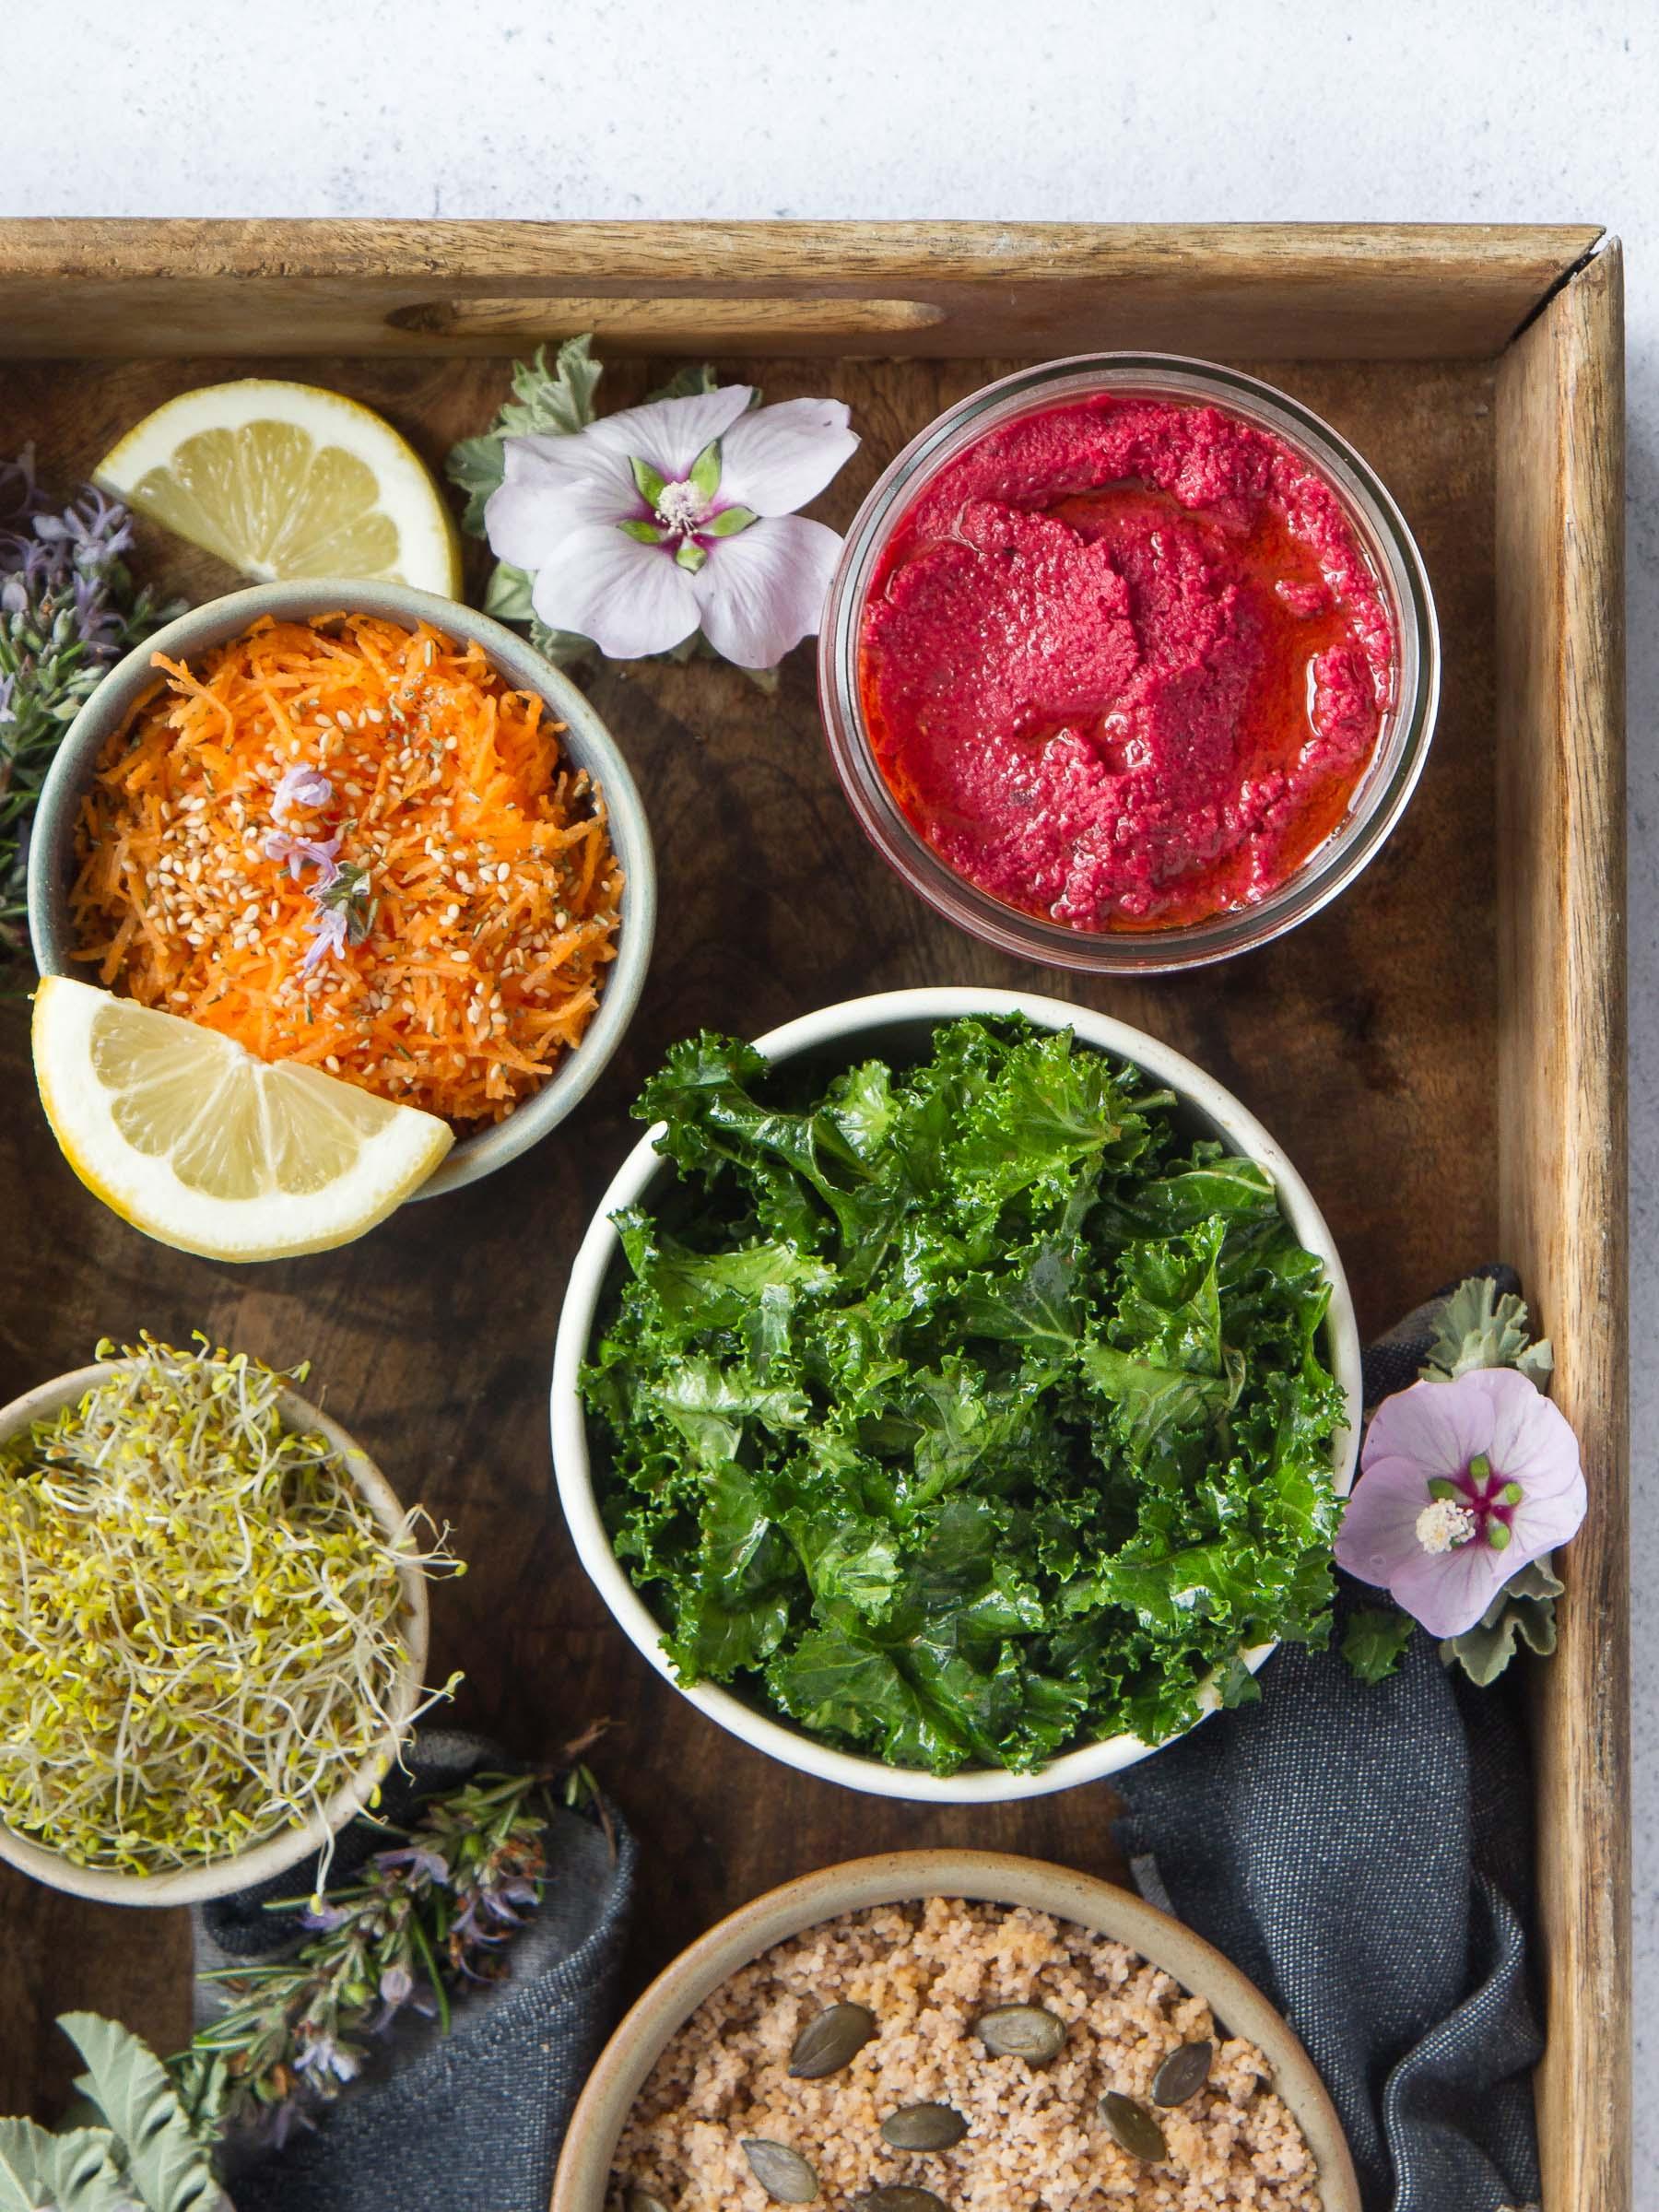 Houmous de fèves à la betterave, salade de chou kale, couscous de sarrasin, alfalfa germé, carottes râpées au thym et citron